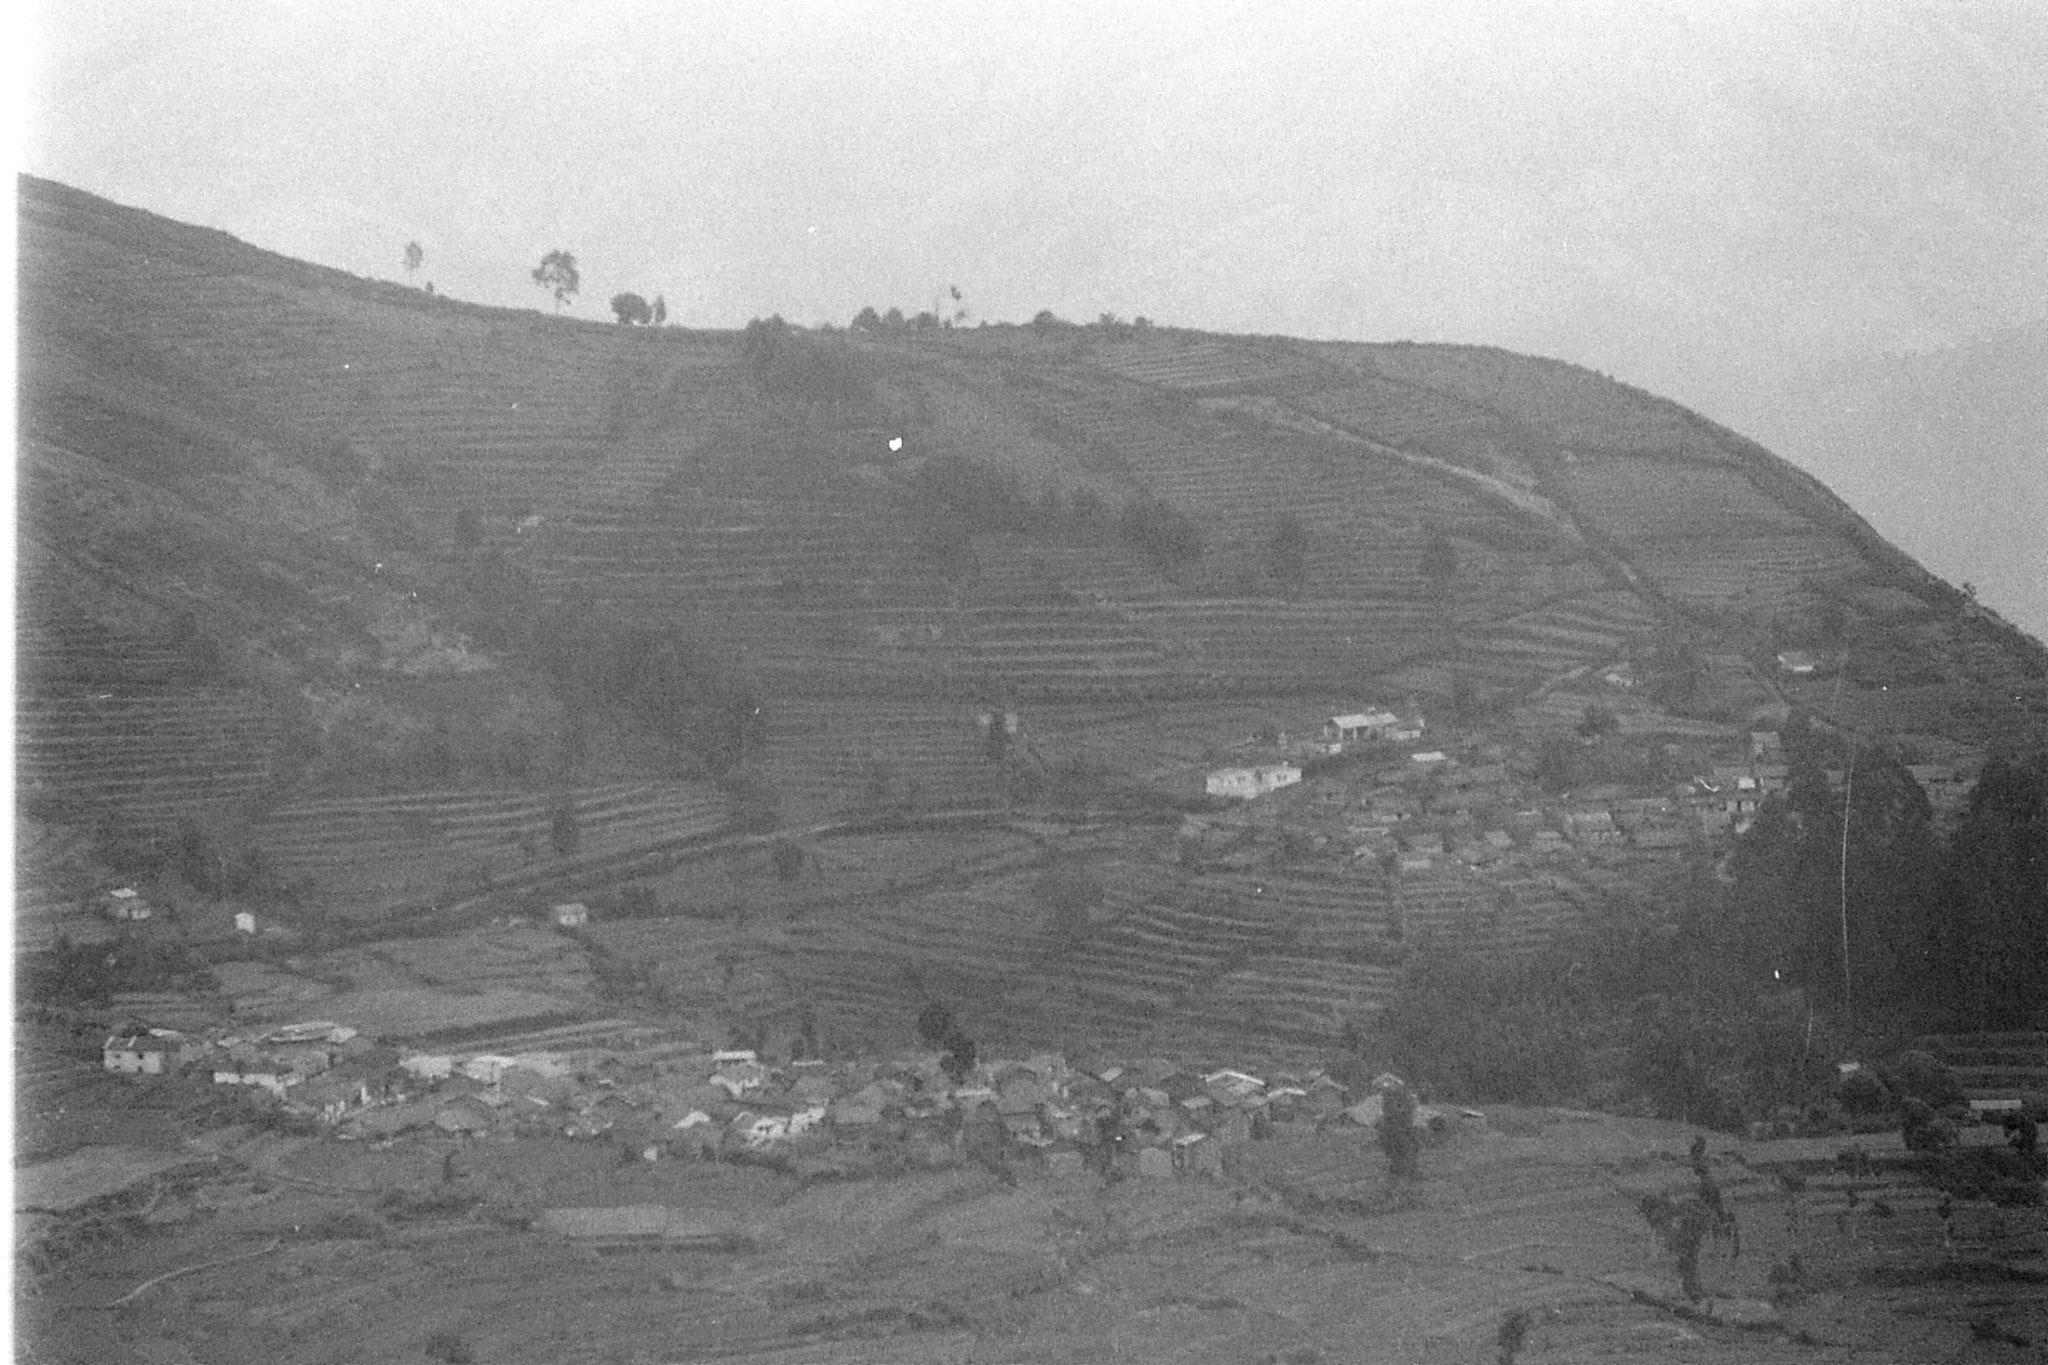 20/2/1990: 16: Vilpatti village from Kodai road